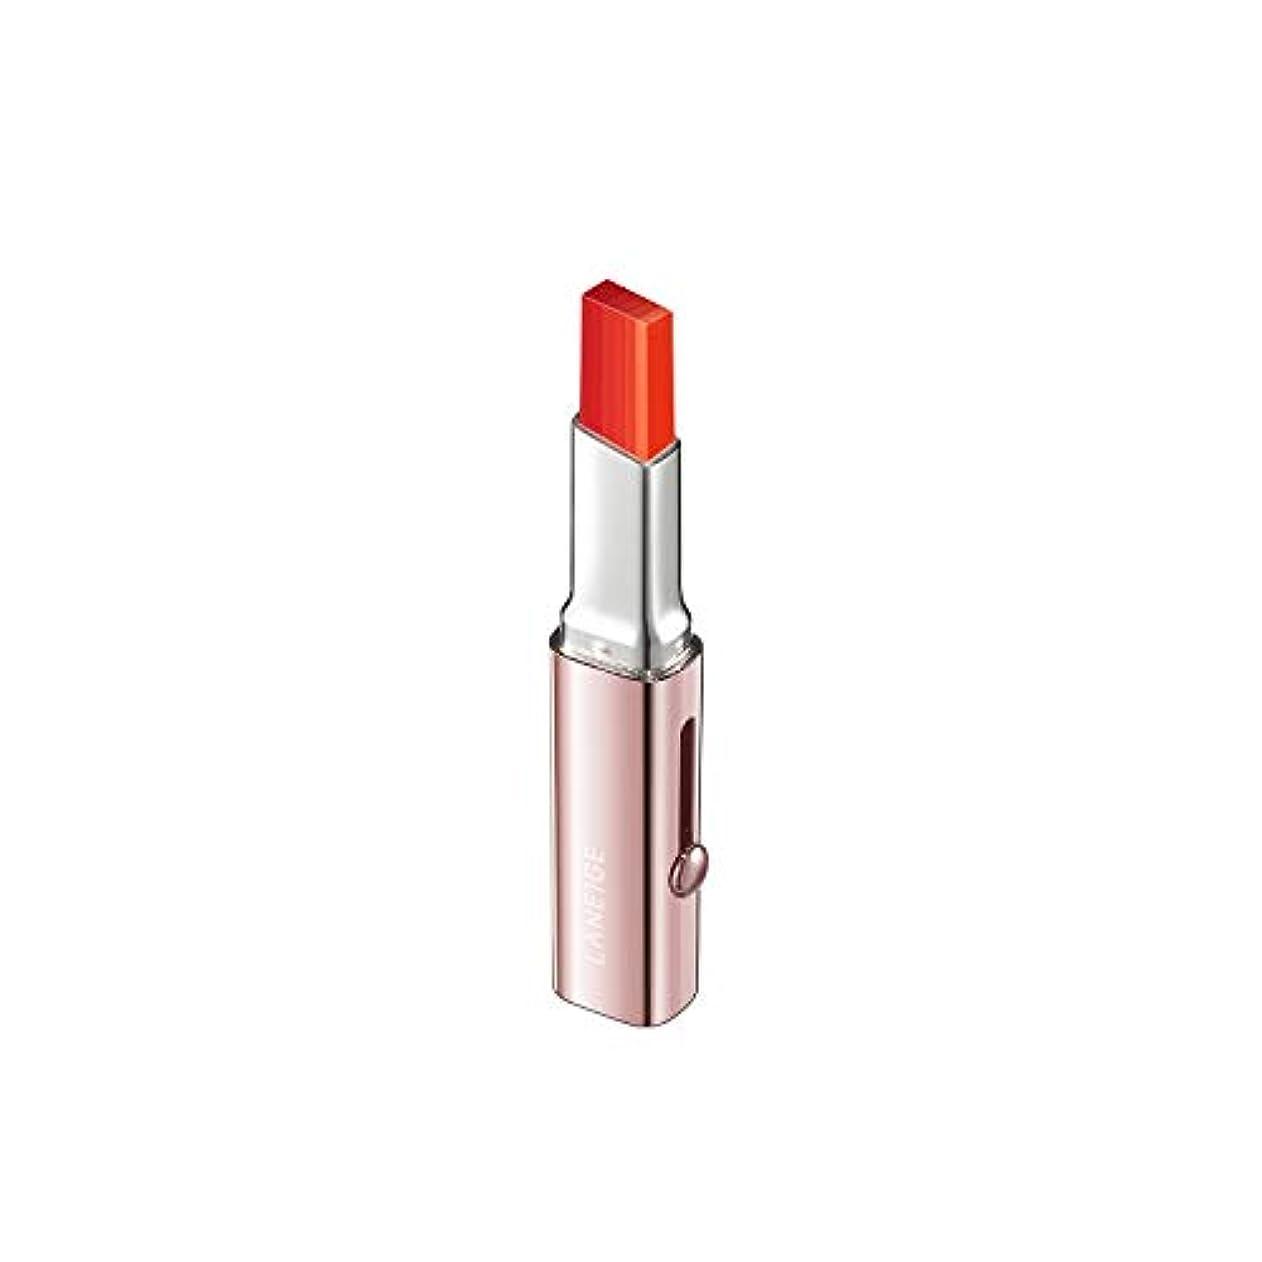 十年数字マエストロ【ラネージュ】階層リップバー(1.9G)/ Layering Lip Bar-6つのカラーでのグラデーションカラー演出 (#3 GELLRUSH RED)